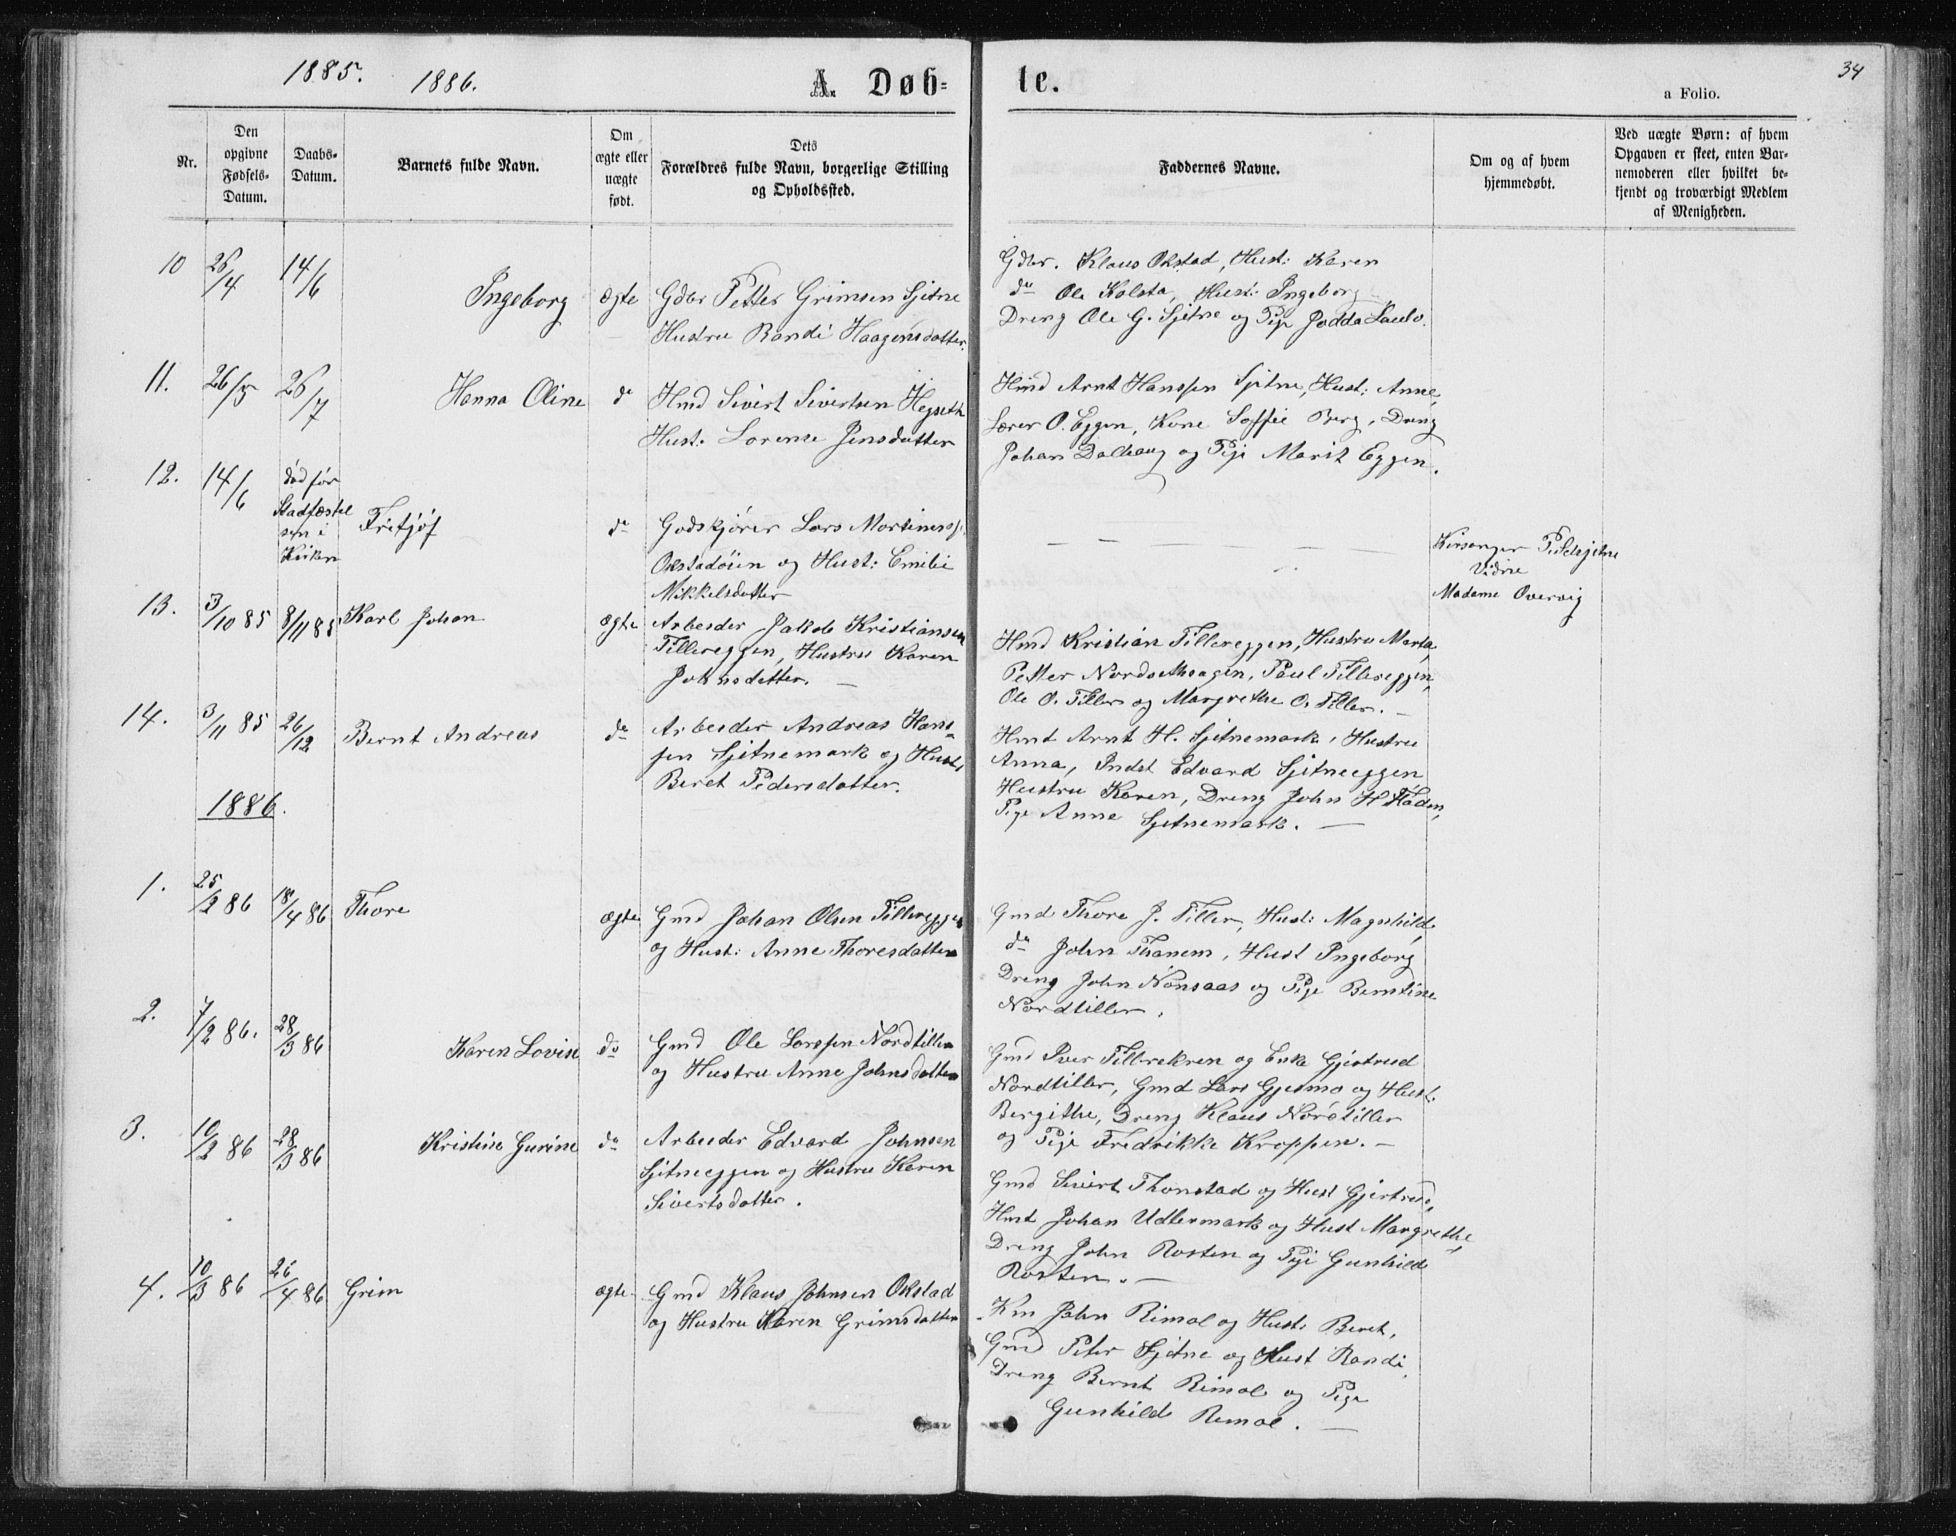 SAT, Ministerialprotokoller, klokkerbøker og fødselsregistre - Sør-Trøndelag, 621/L0459: Klokkerbok nr. 621C02, 1866-1895, s. 34